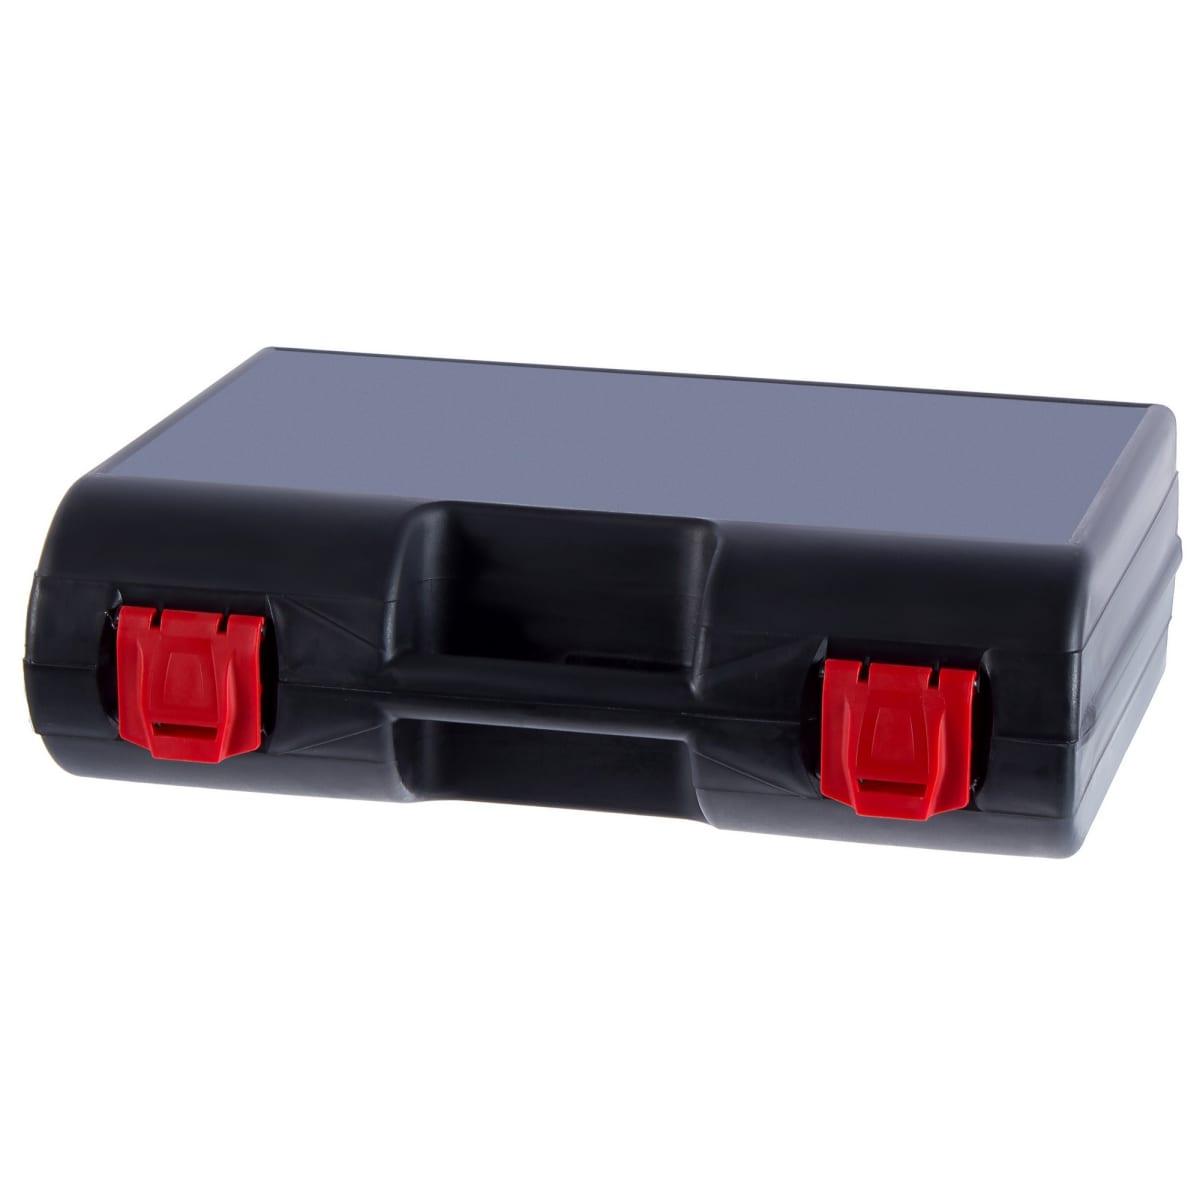 Кейс для электроинструмента Basic 400х120х320 мм, пластик, цвет чёрный